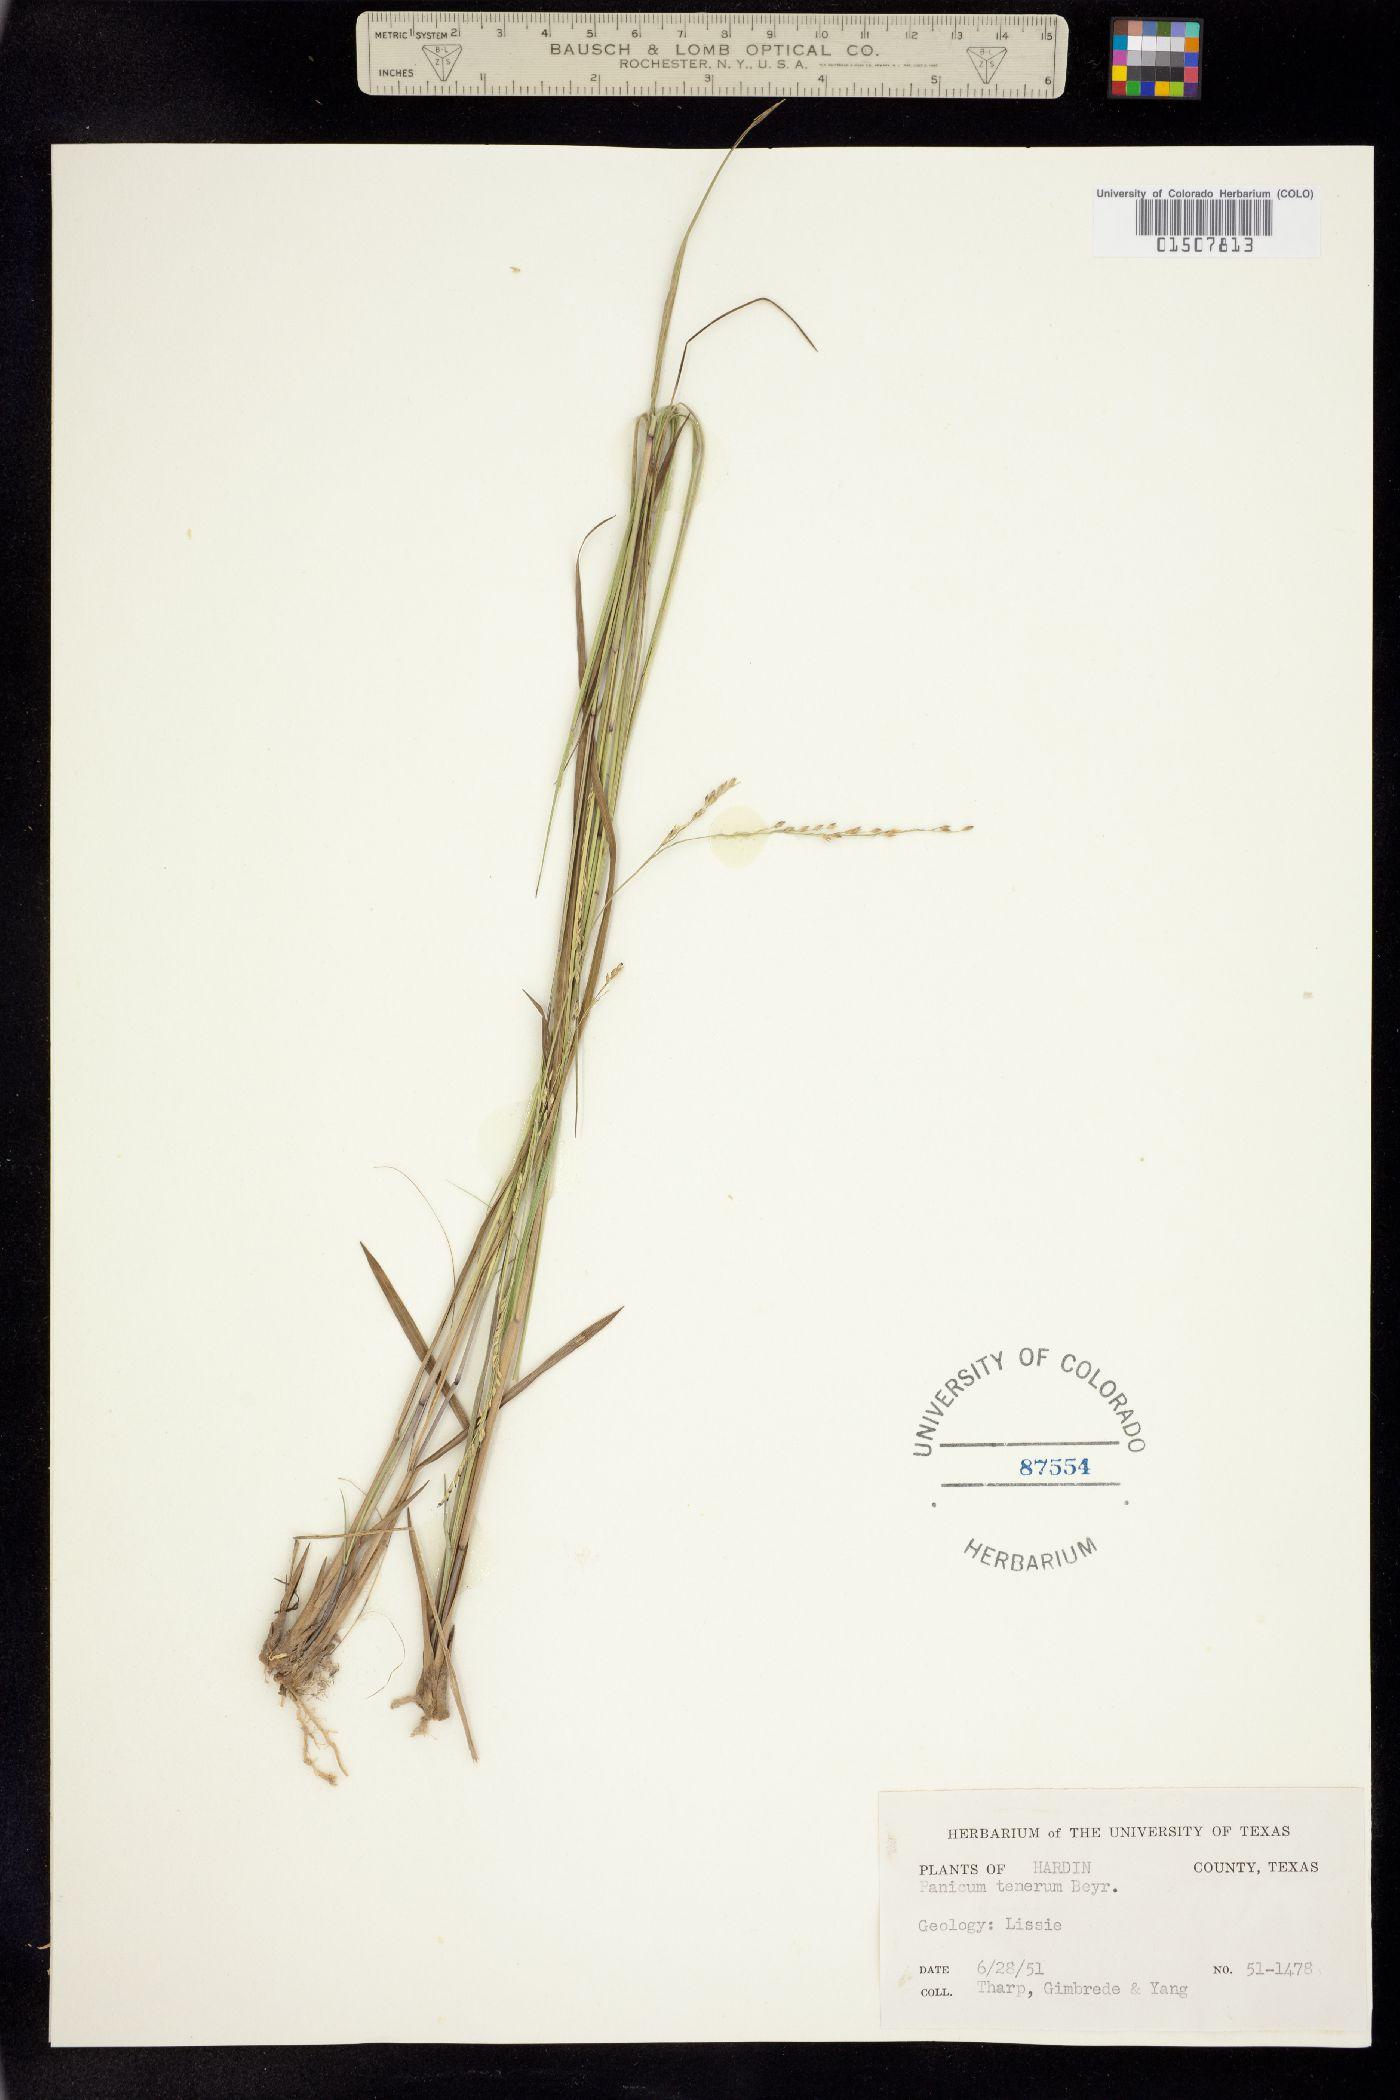 Panicum tenerum image